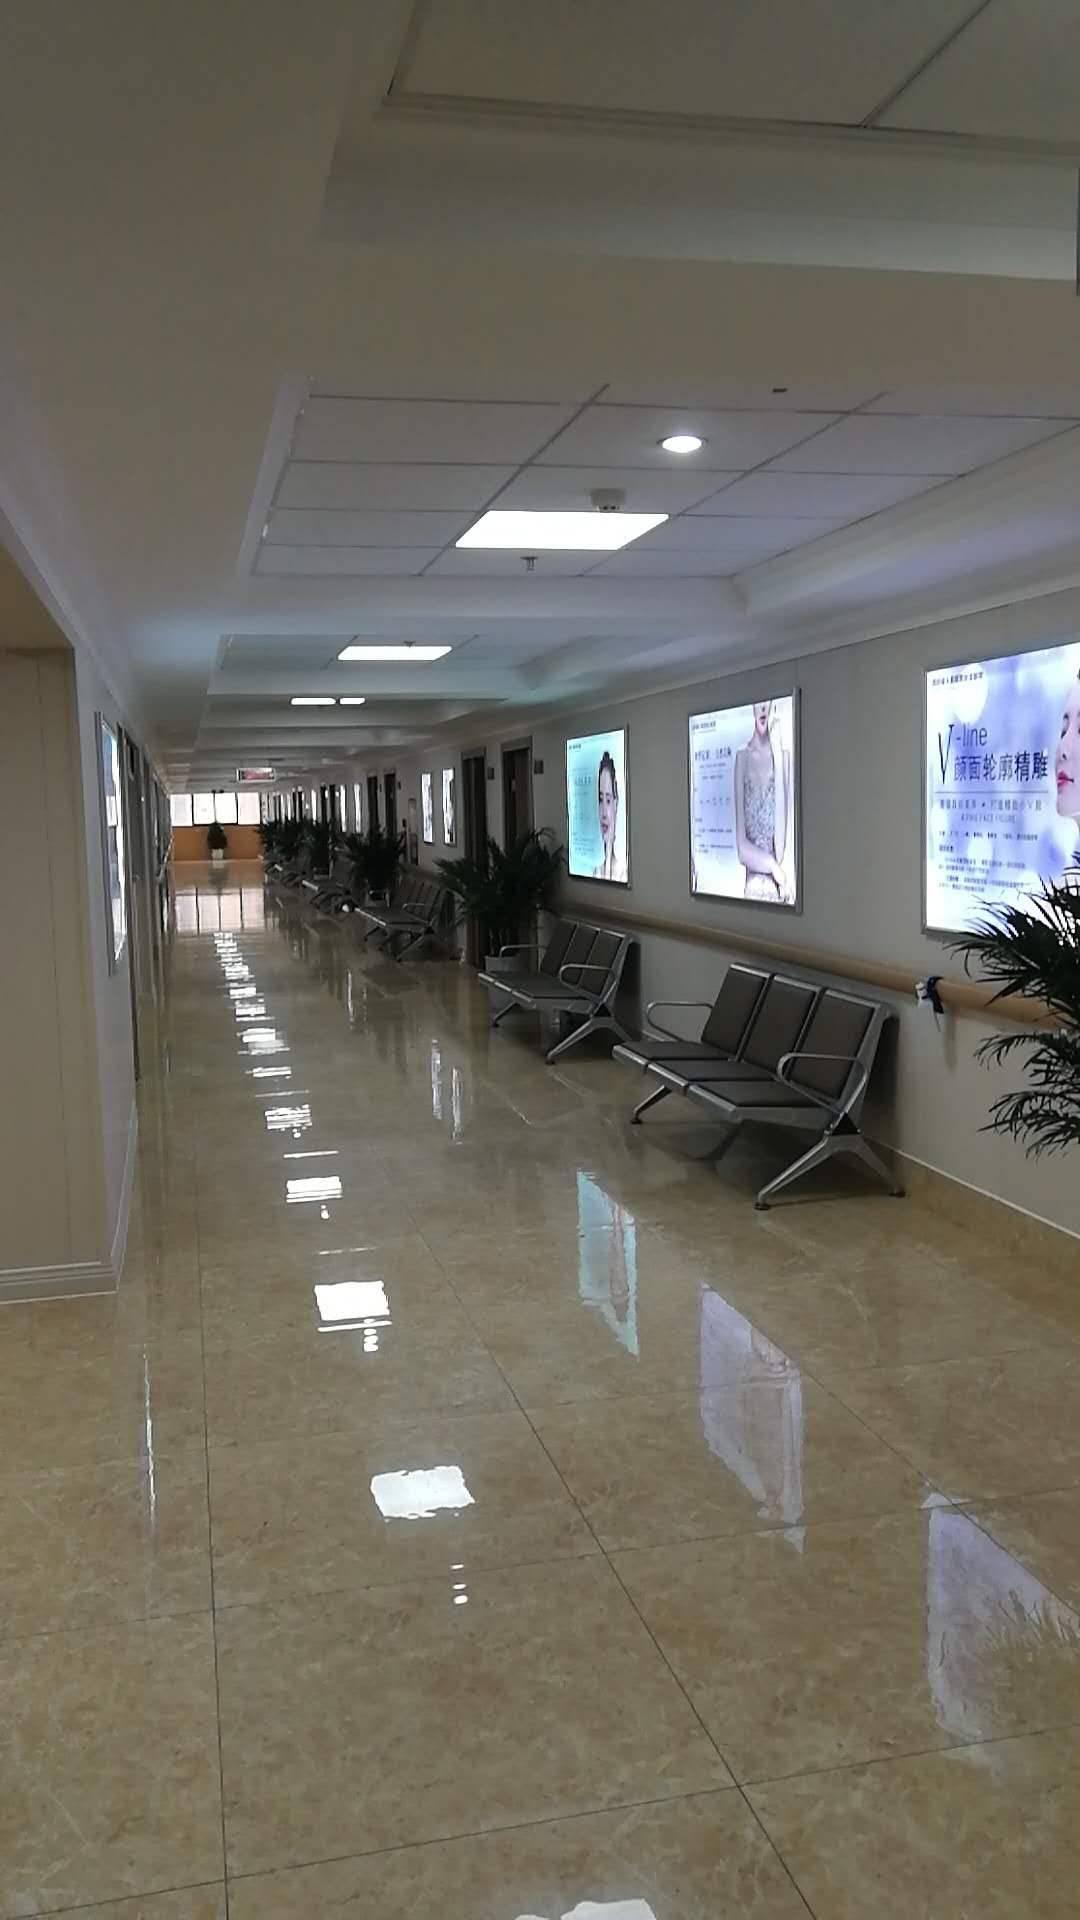 四川友谊医院整形美容环境图3